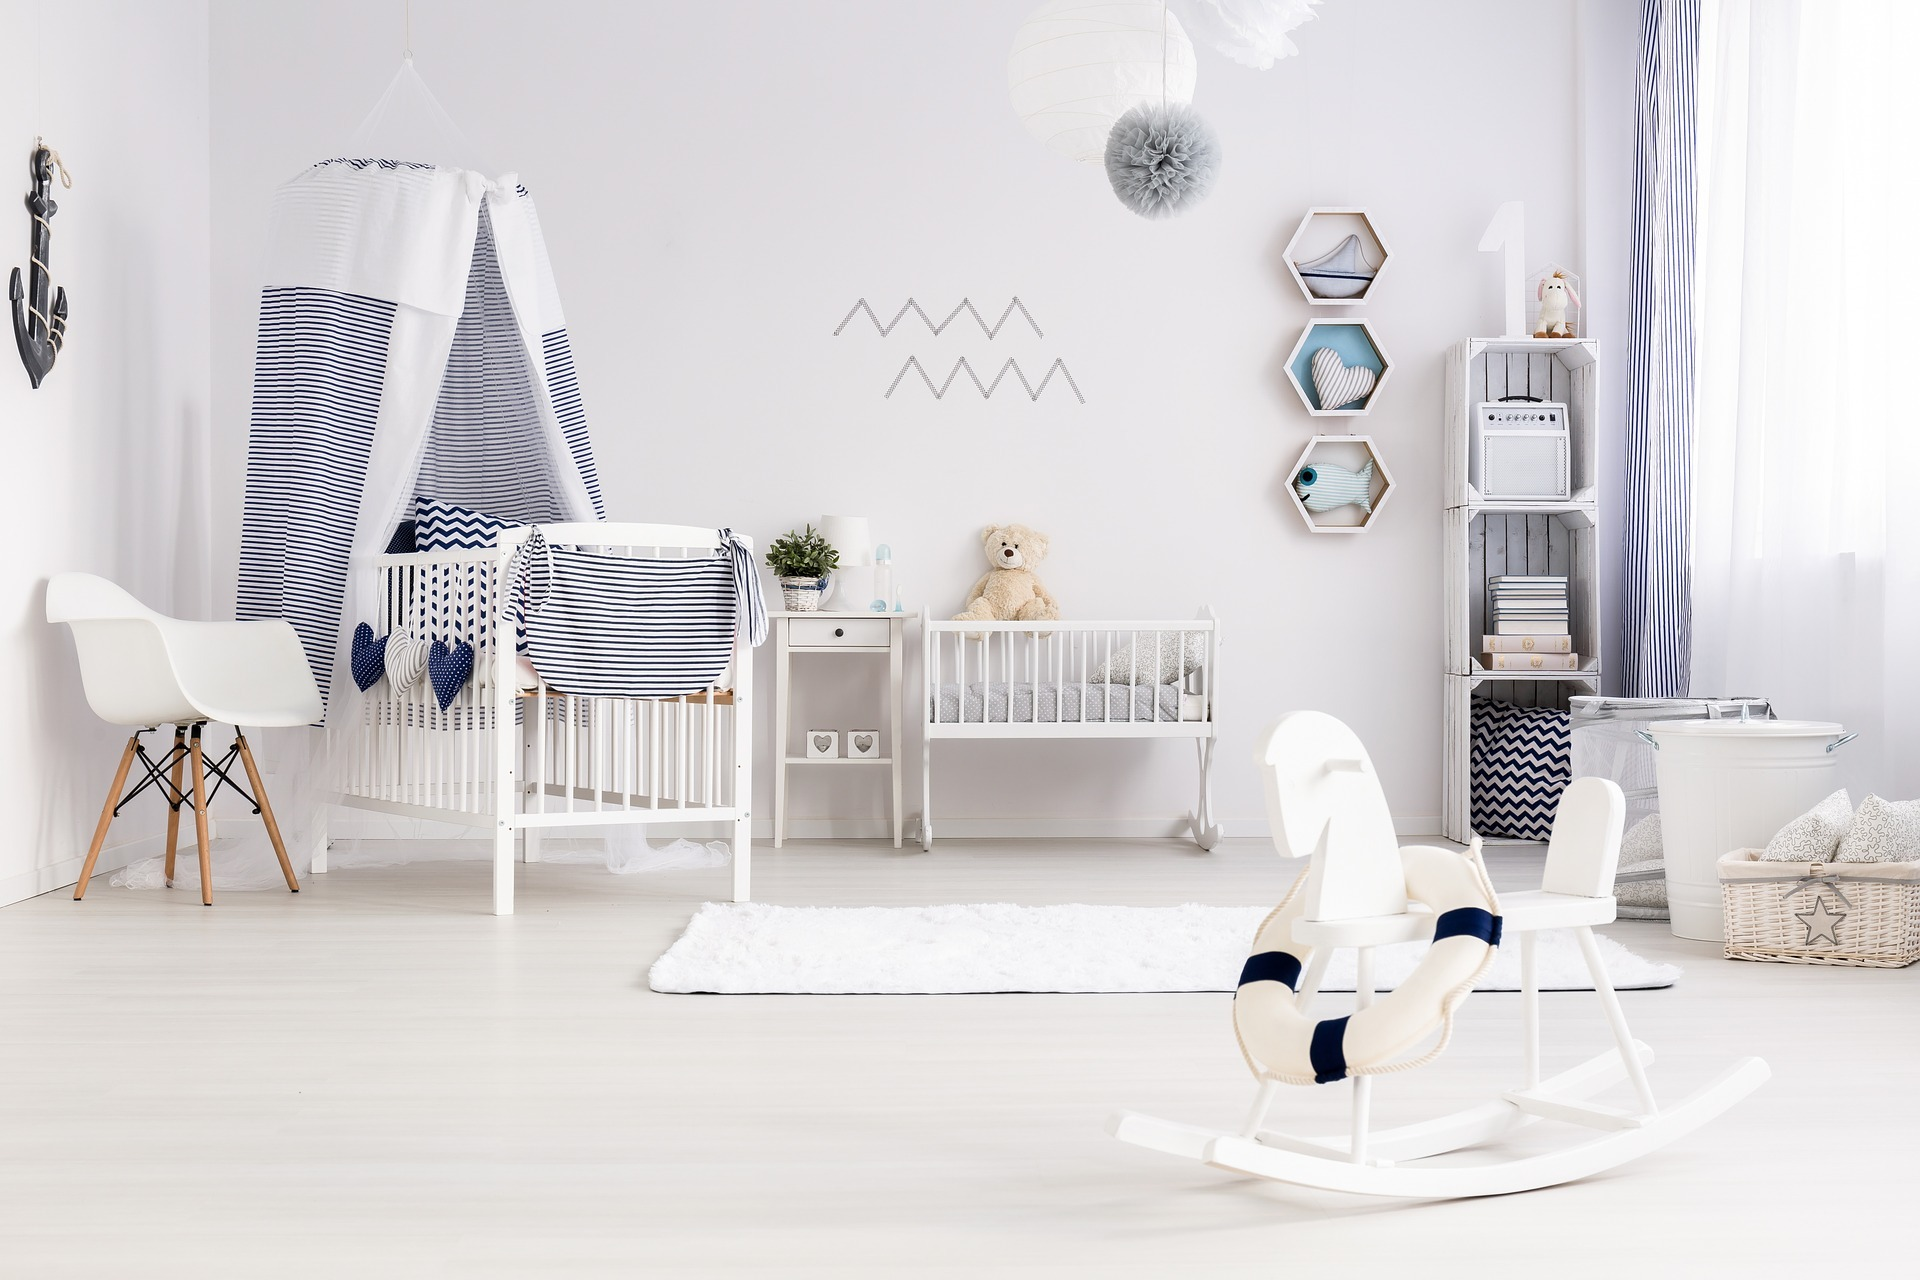 préparer l'arrivée de bébé chambre